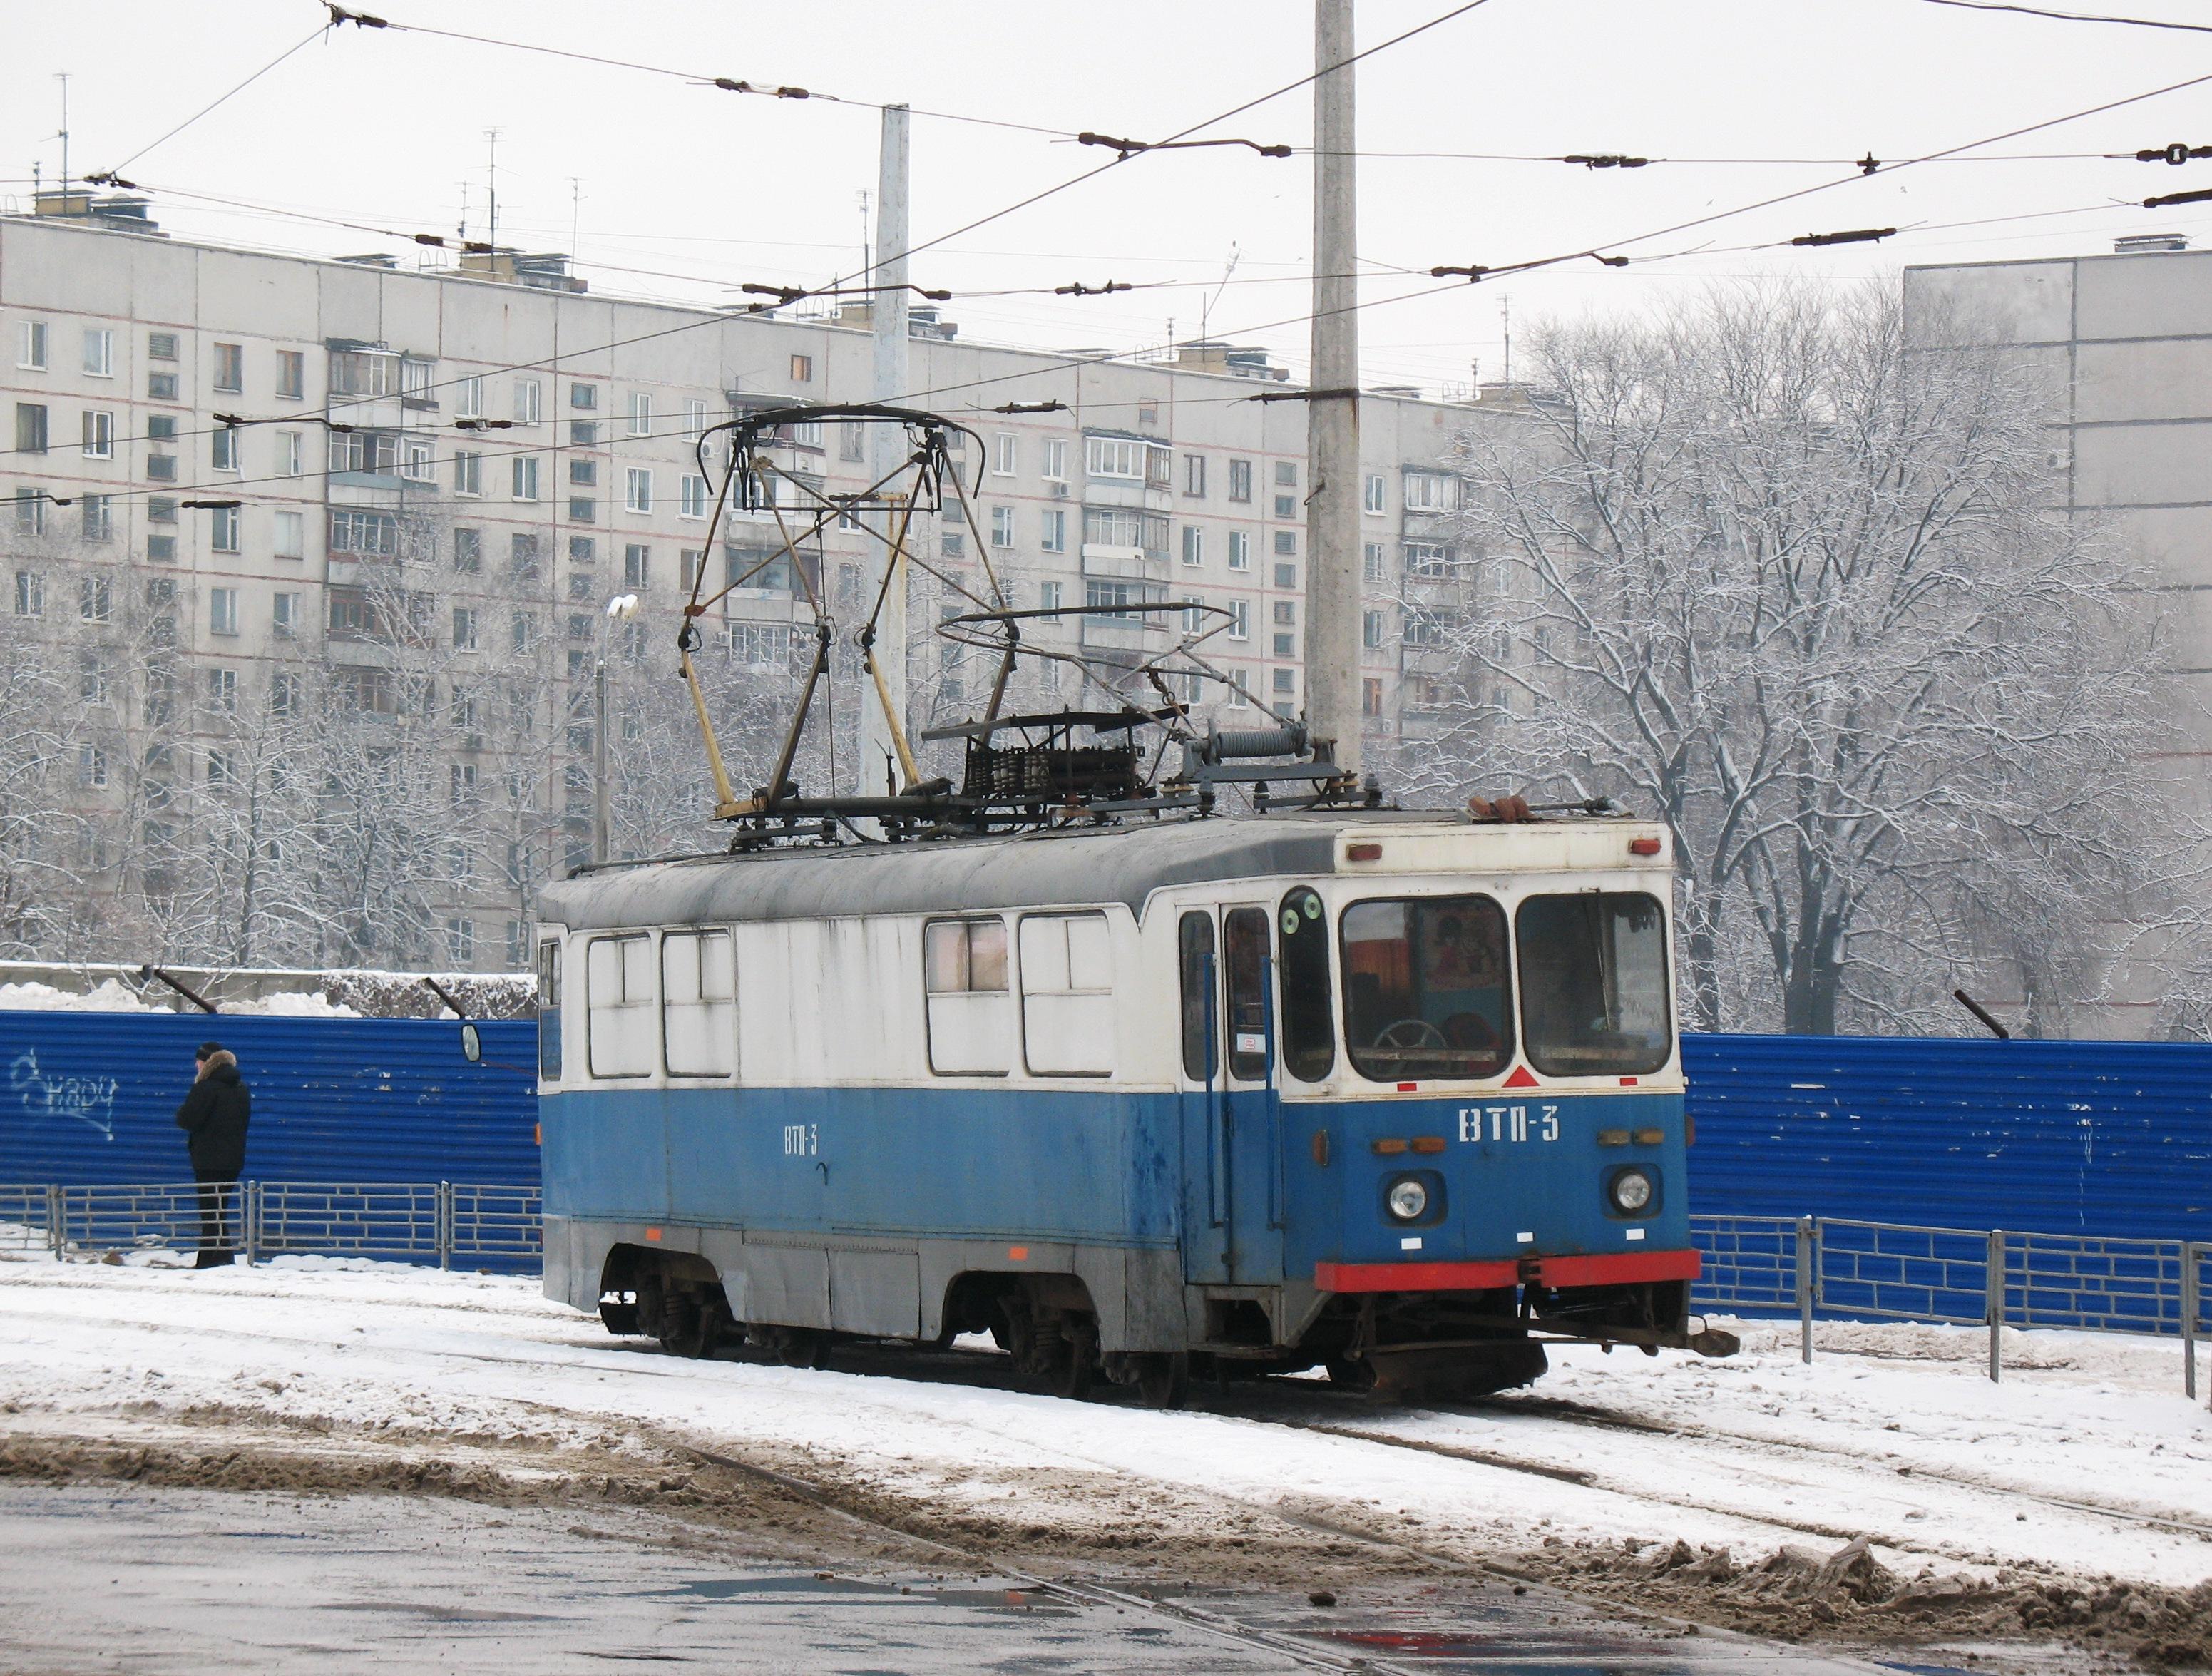 File:Трам ВТП3 Плехановская VizuIMG 5491.JPG